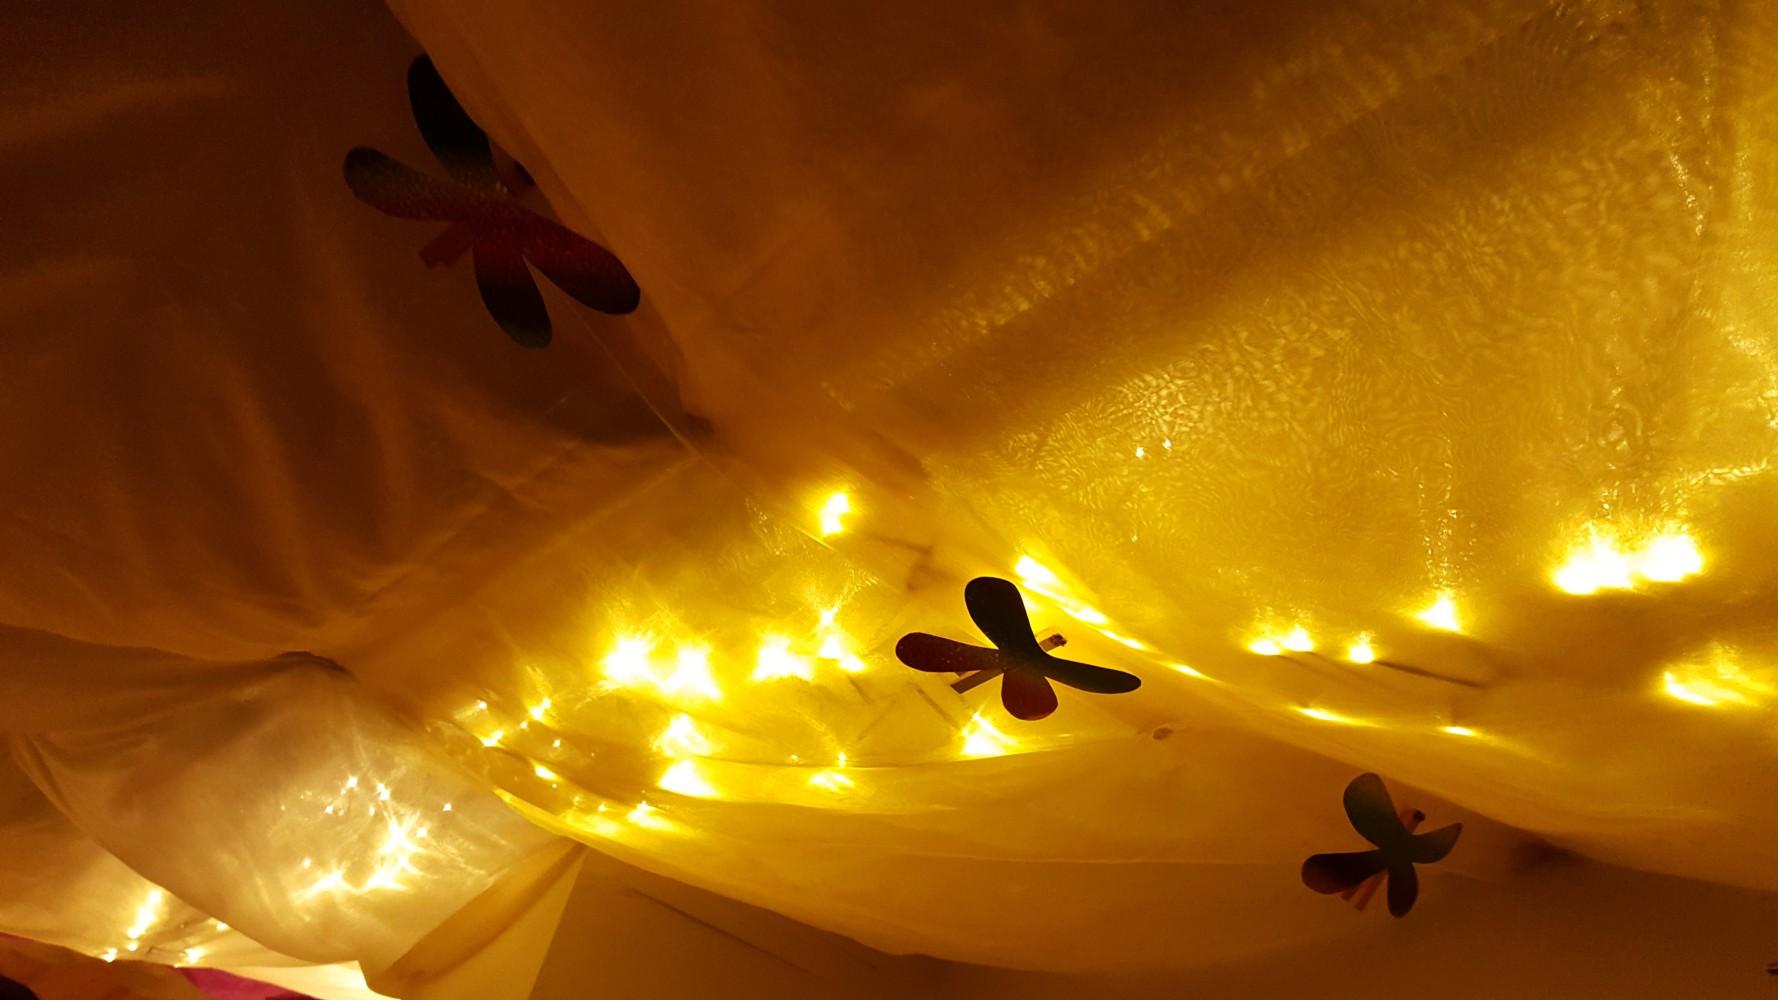 Gemütlich im Winter: Wandspiele und Sternenhimmel